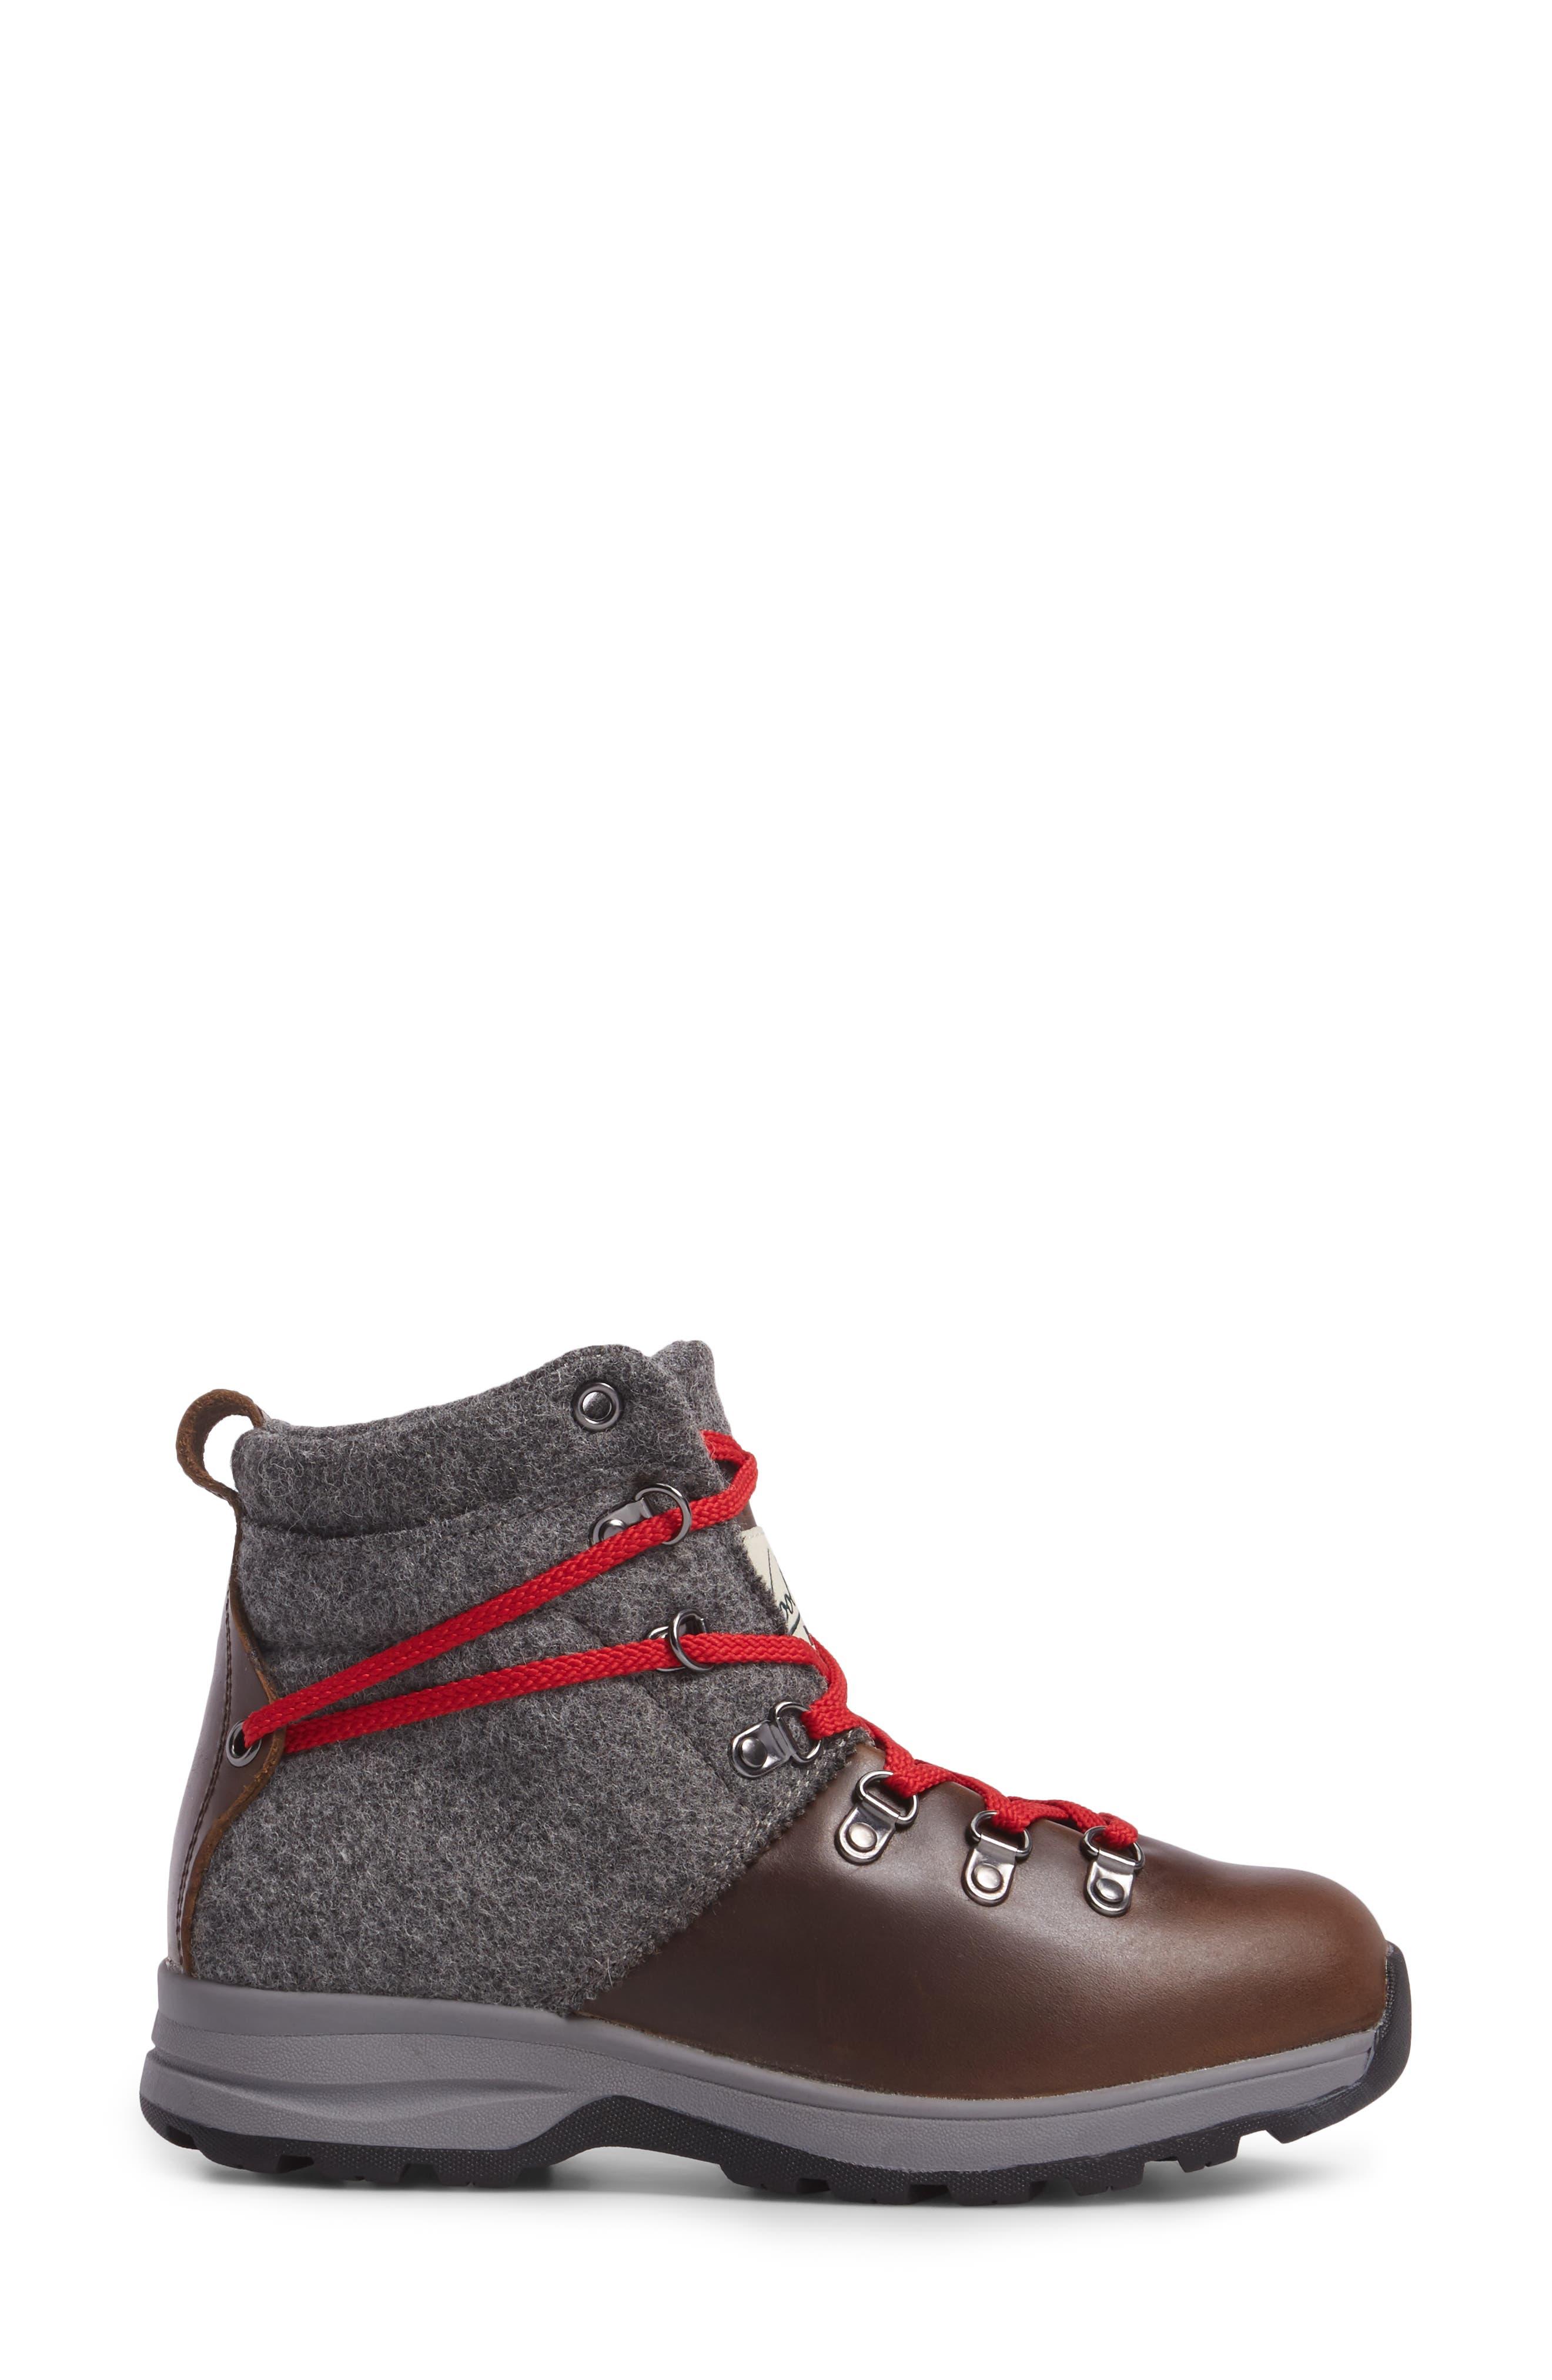 Rockies II Waterproof Hiking Boot,                             Alternate thumbnail 9, color,